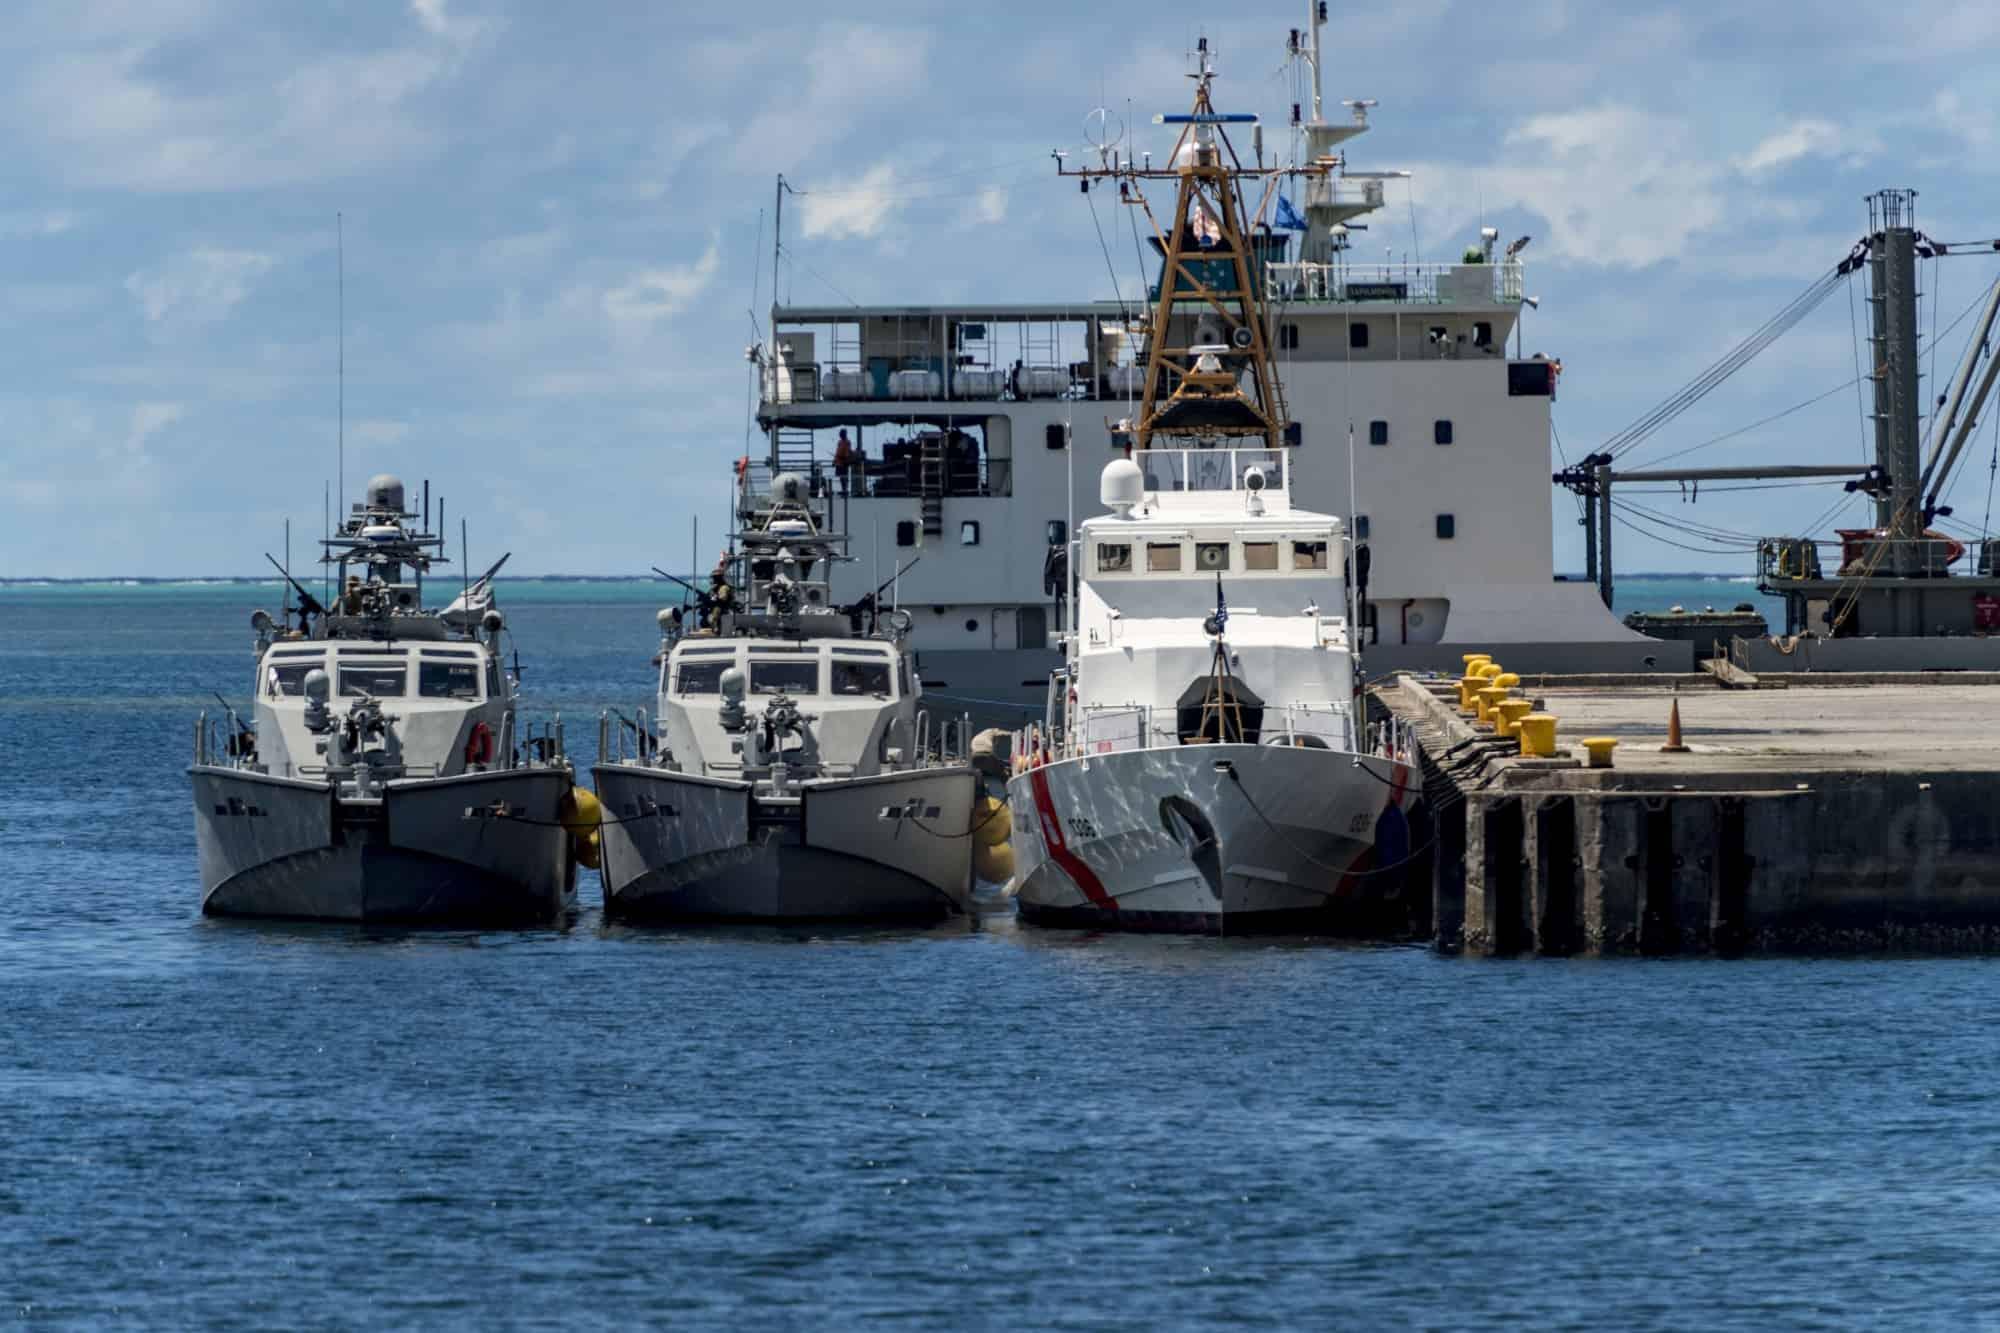 Катери типу Mark VI та патрульний катер Kiska класу Island біля причалу